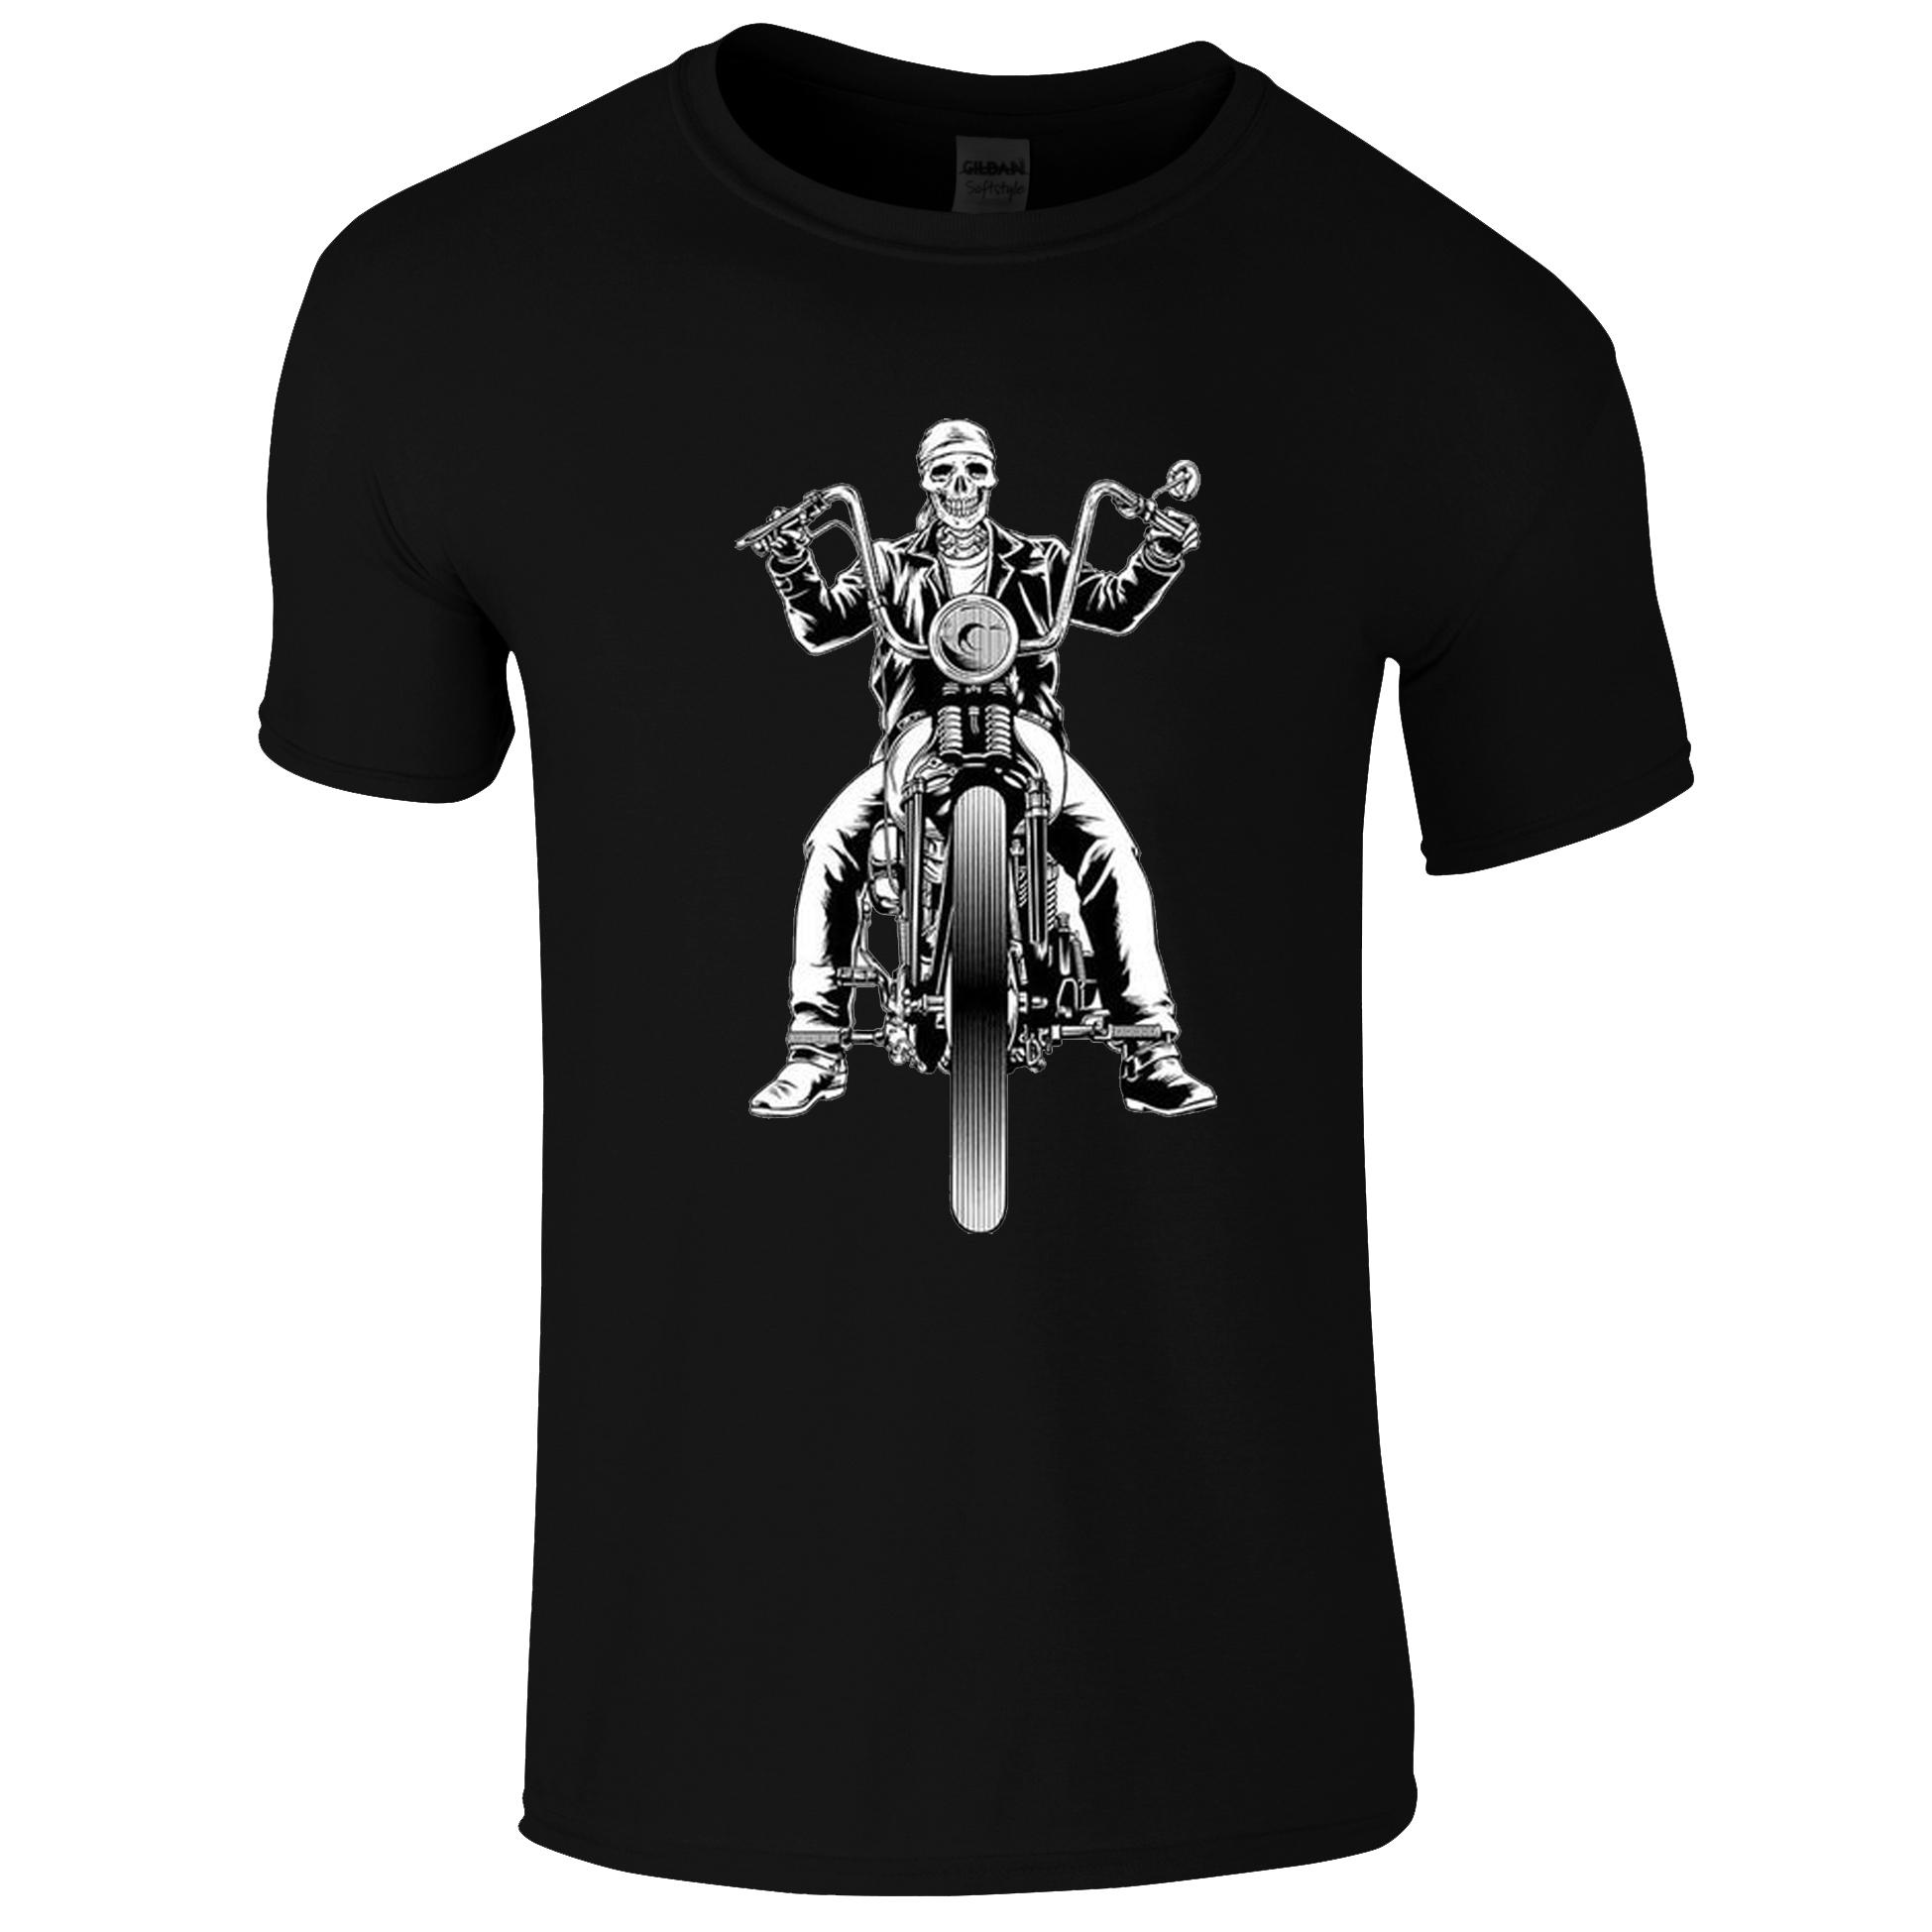 Schwarz Weiß Ghostrider auf schwarzen T-Shirt